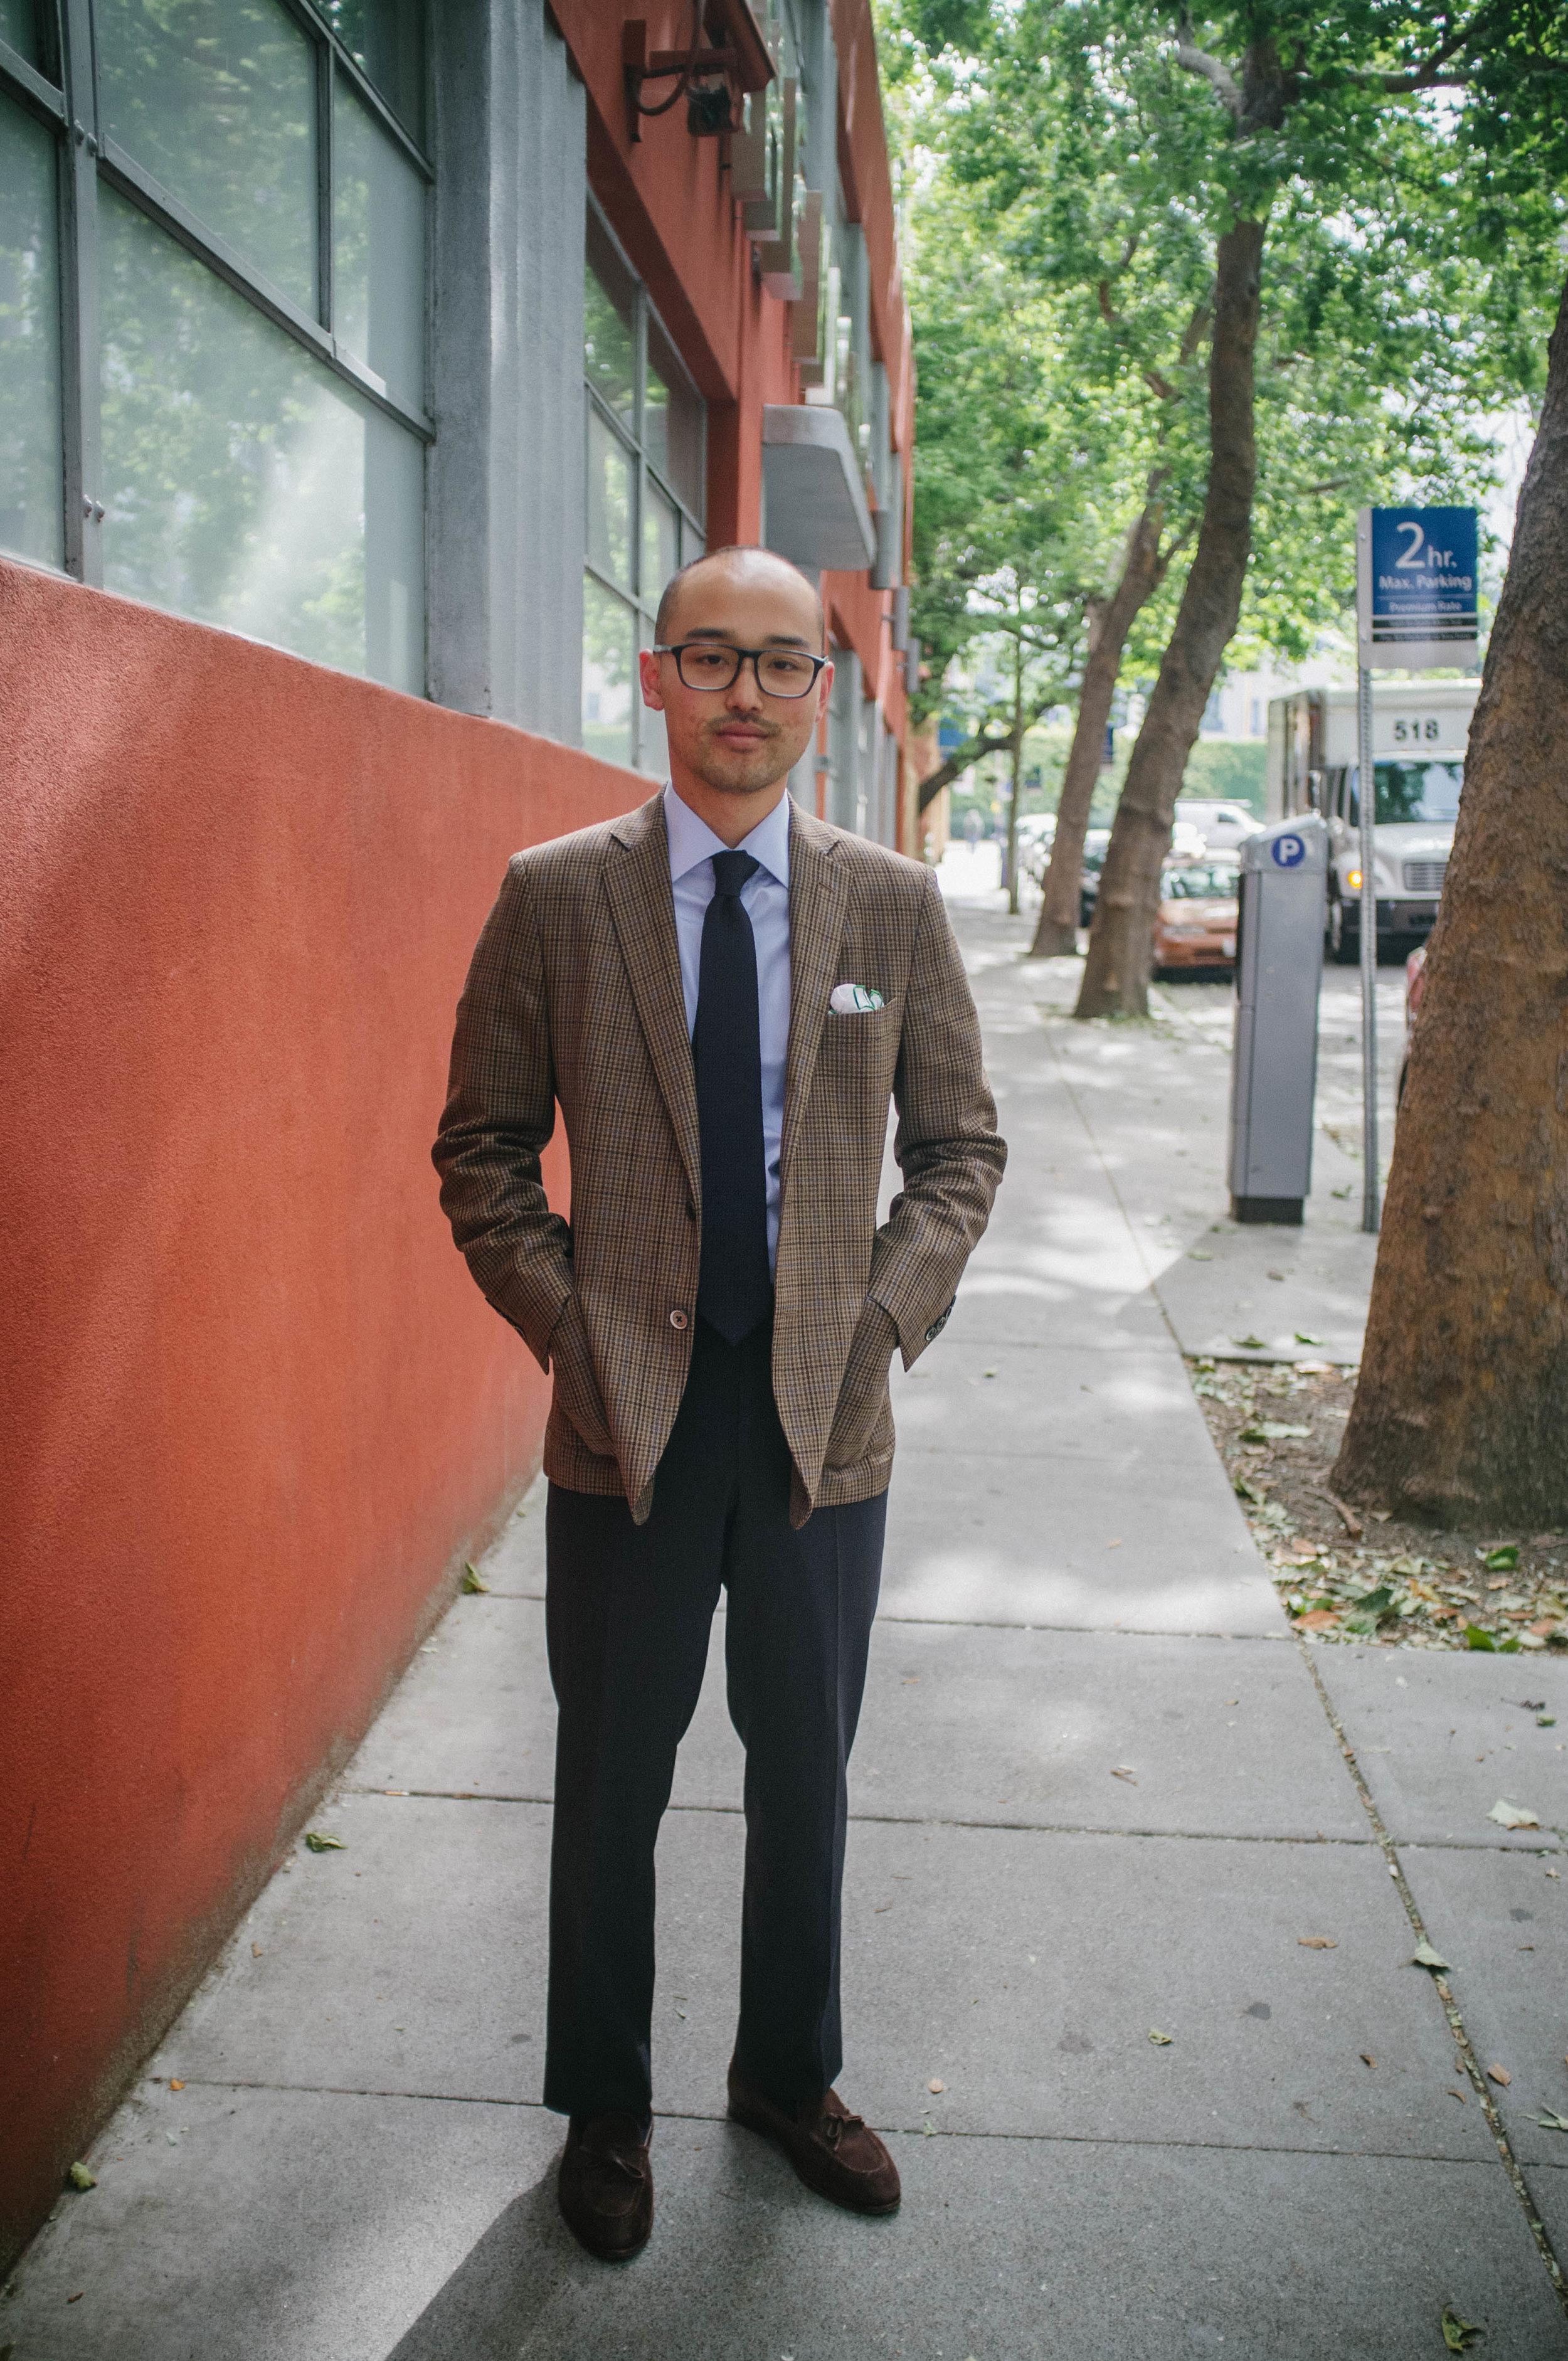 Glasses -    Barton Perreira    | Sports coat - Epaulet | Shirt -    Proper Cloth    | Tie - Drake's of London | Pocket Square - Vintage | Trousers - Epaulet | Shoes -    Carmina Shoemaker